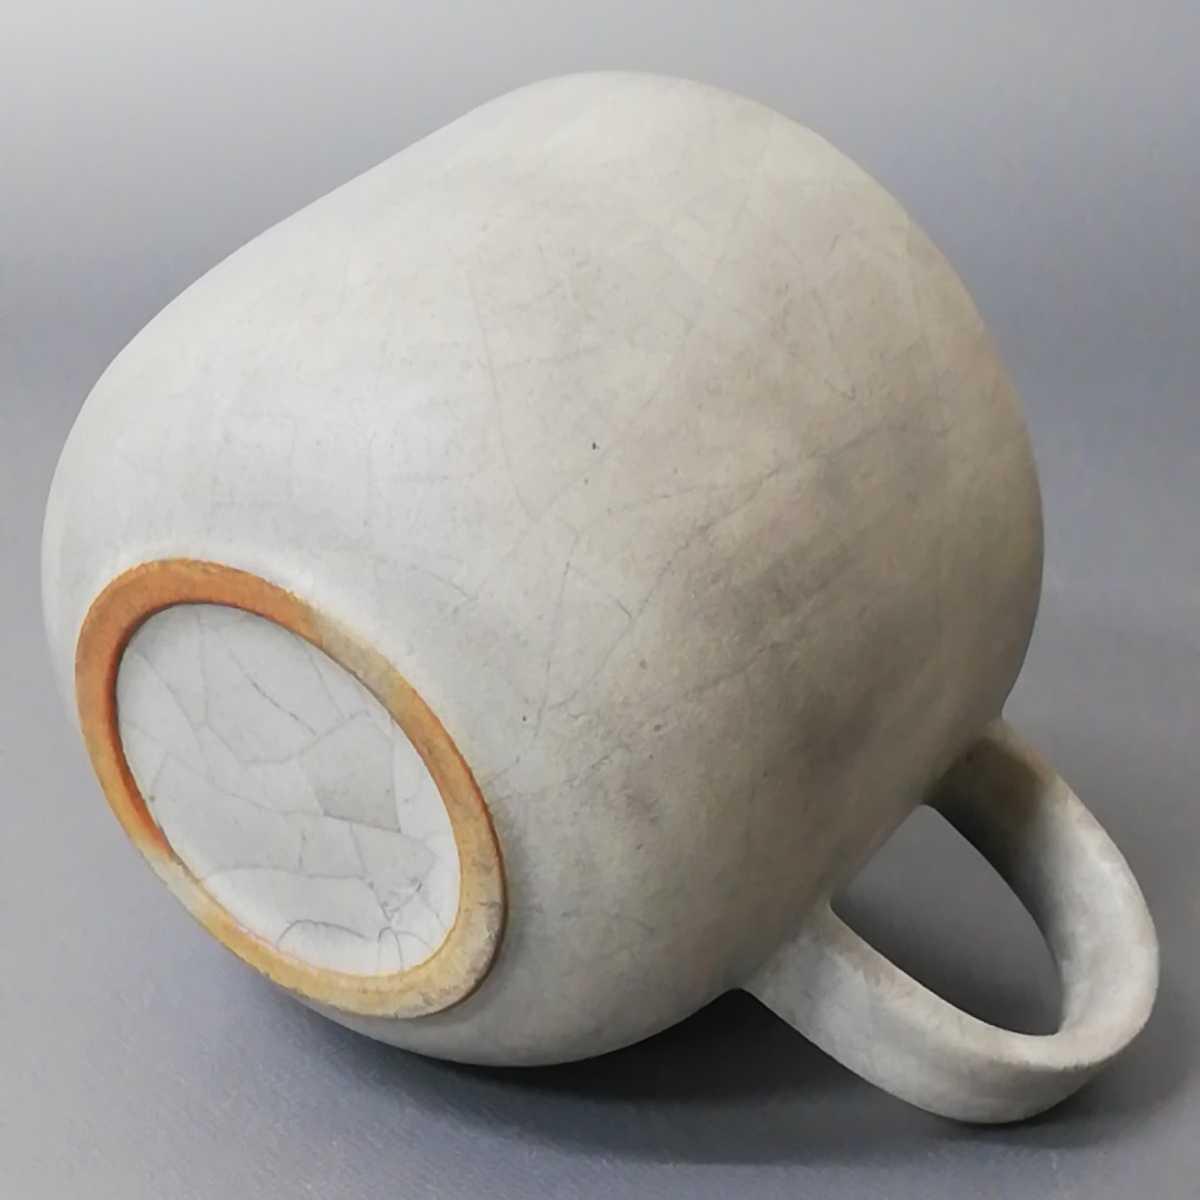 三23)萩焼 コーヒーカップ マグカップ 珈琲器 未使用新品 同梱歓迎_画像5